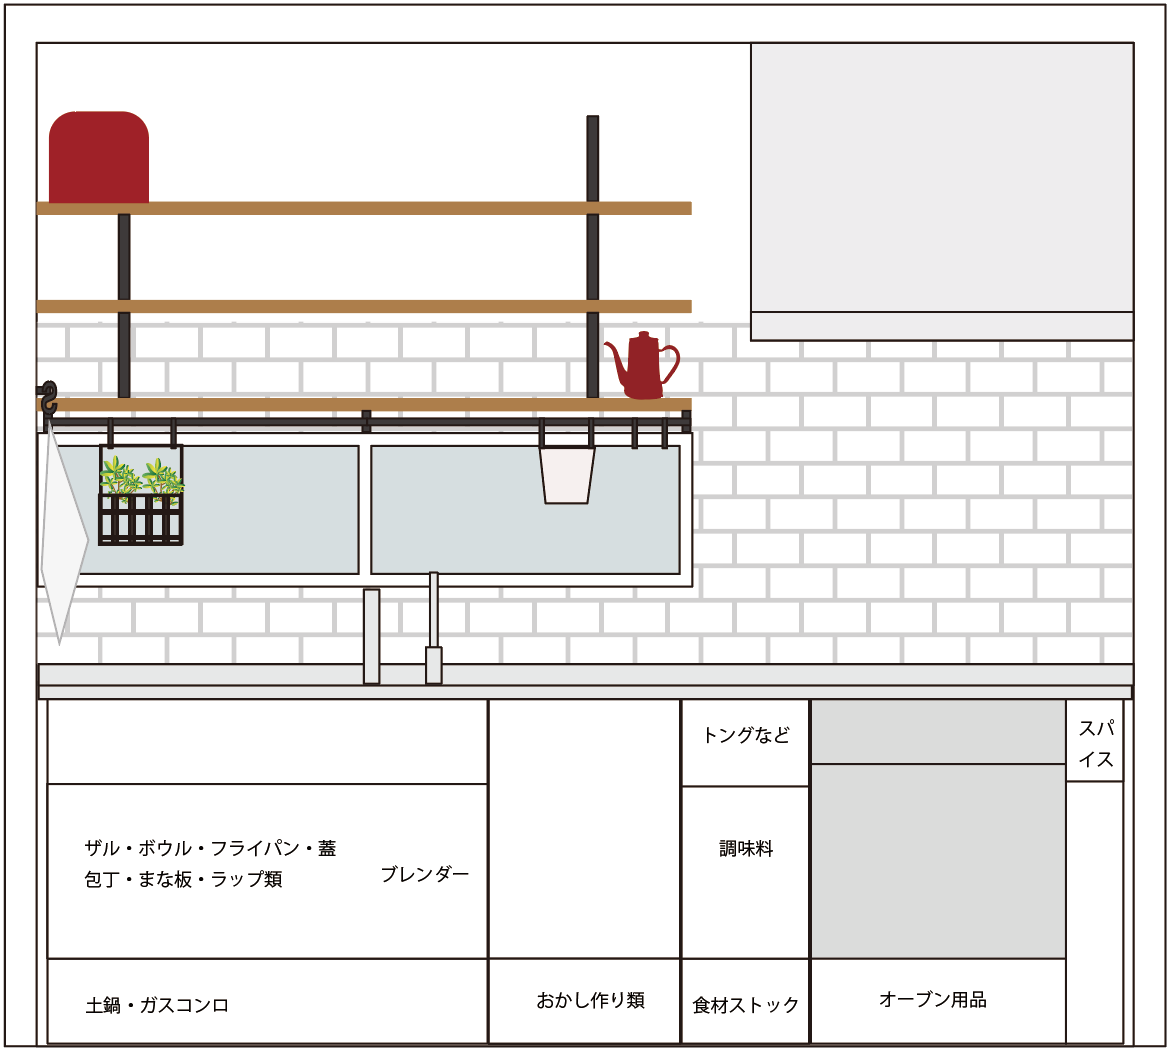 ブログをサボっていたワケ 〜 キッチンの吊り戸棚を失くせ!